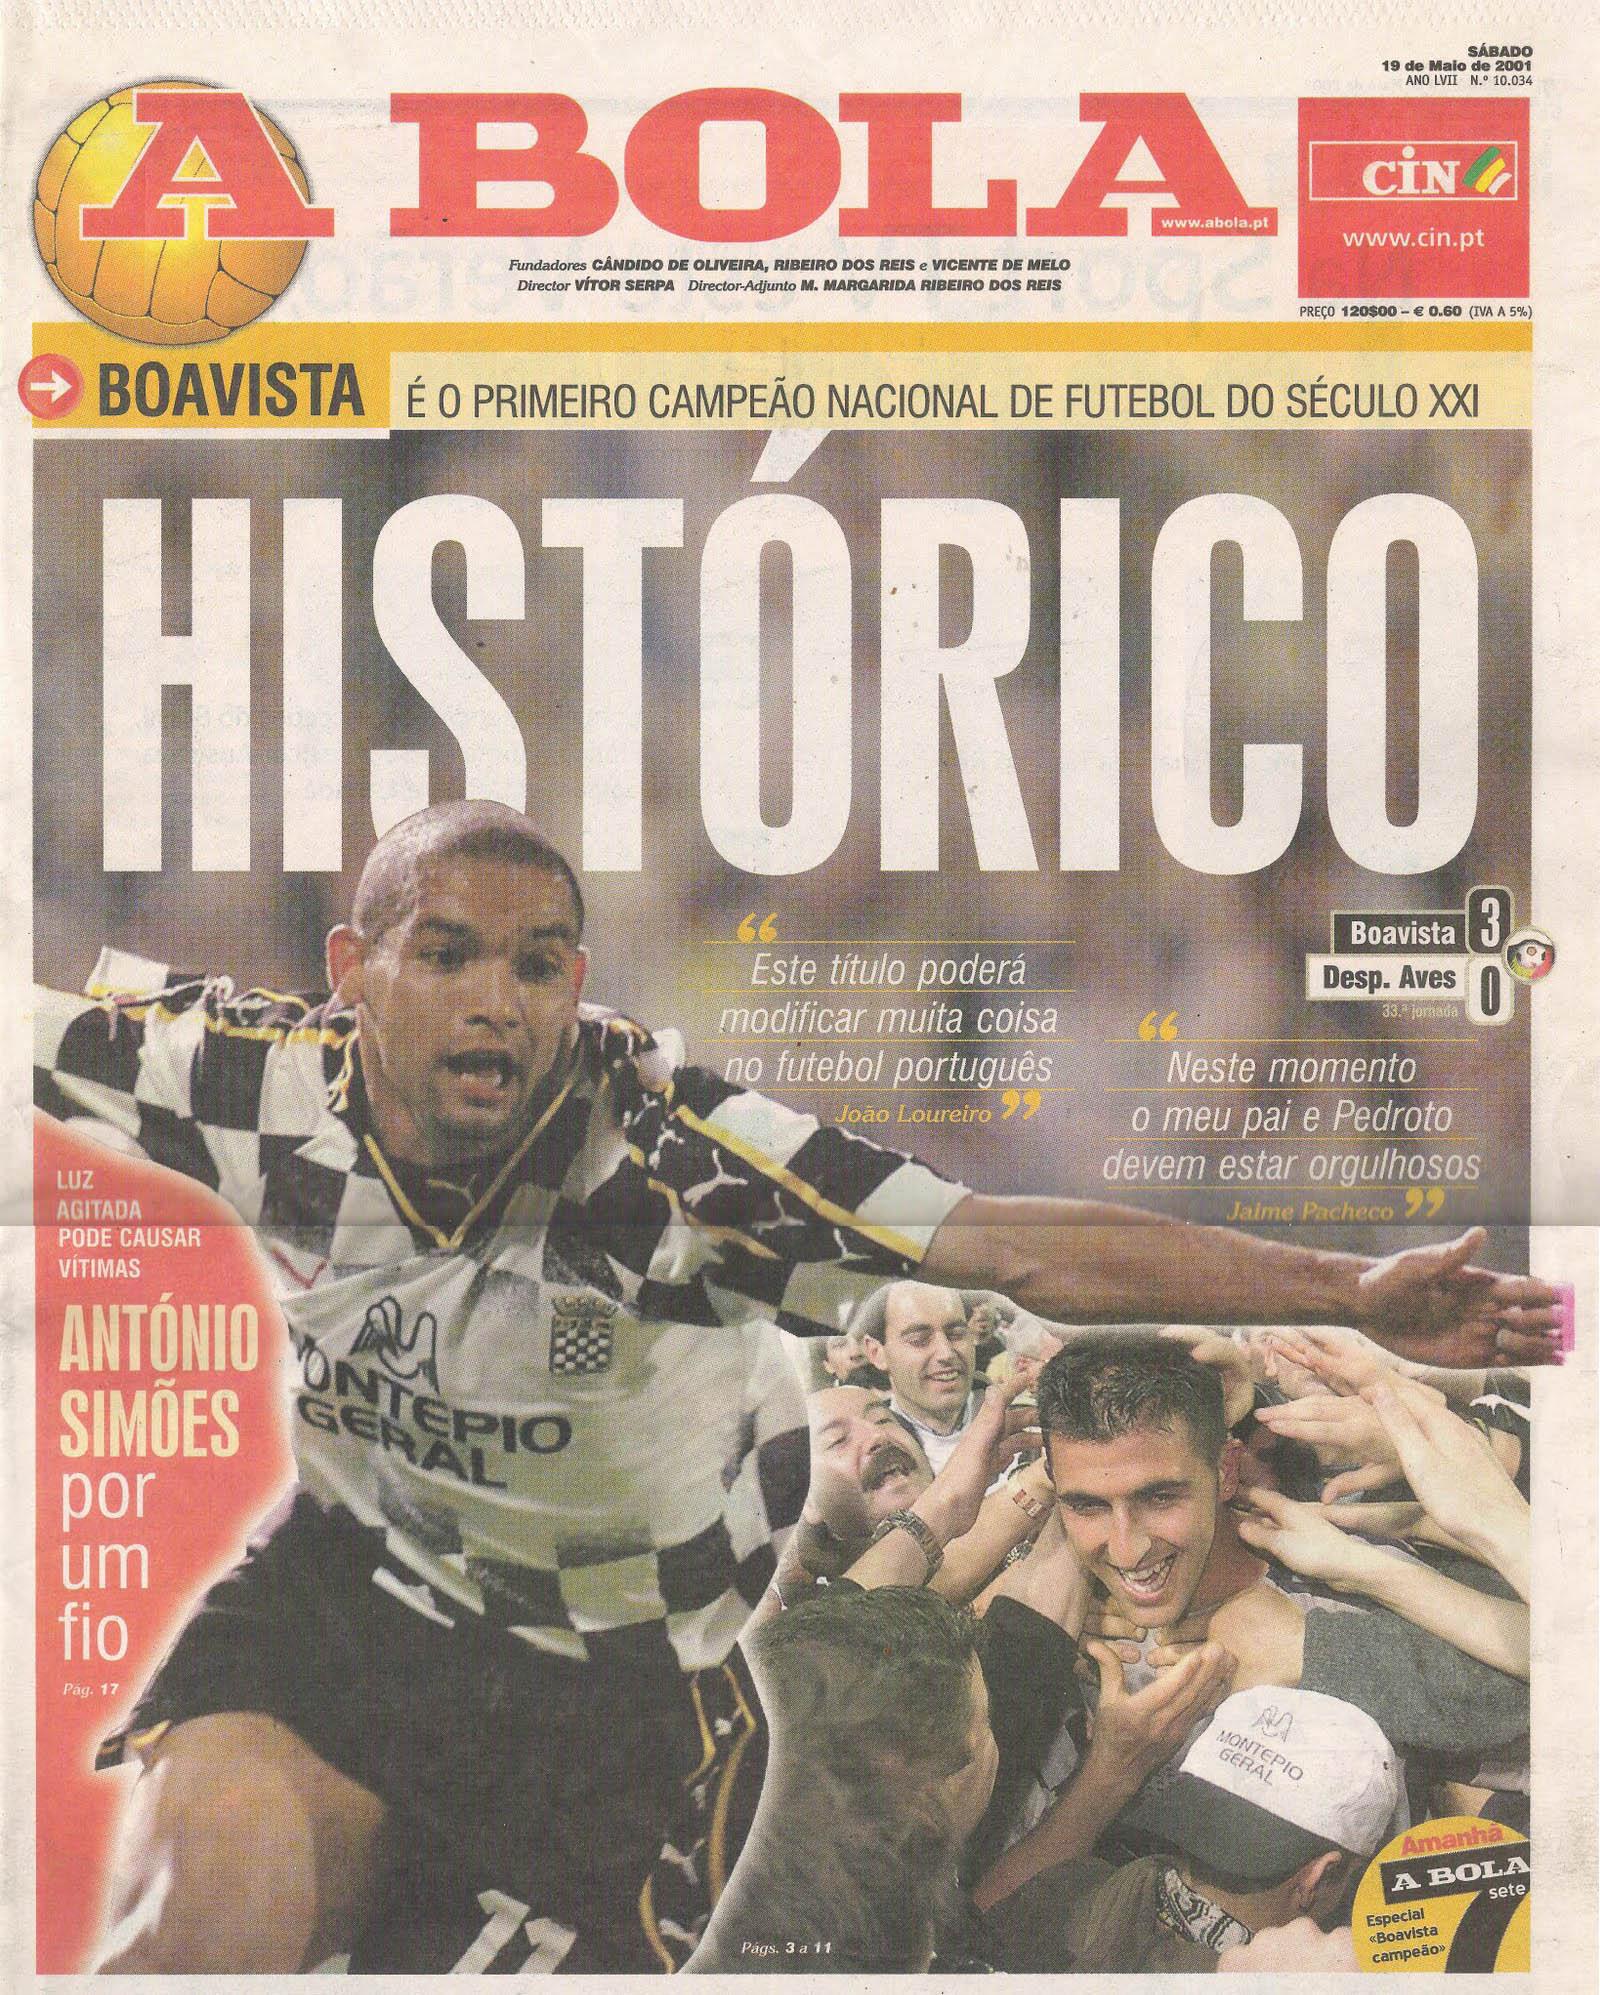 manchete_do_jornal_a_bola_de_19_de_maio_de_2001.jpg